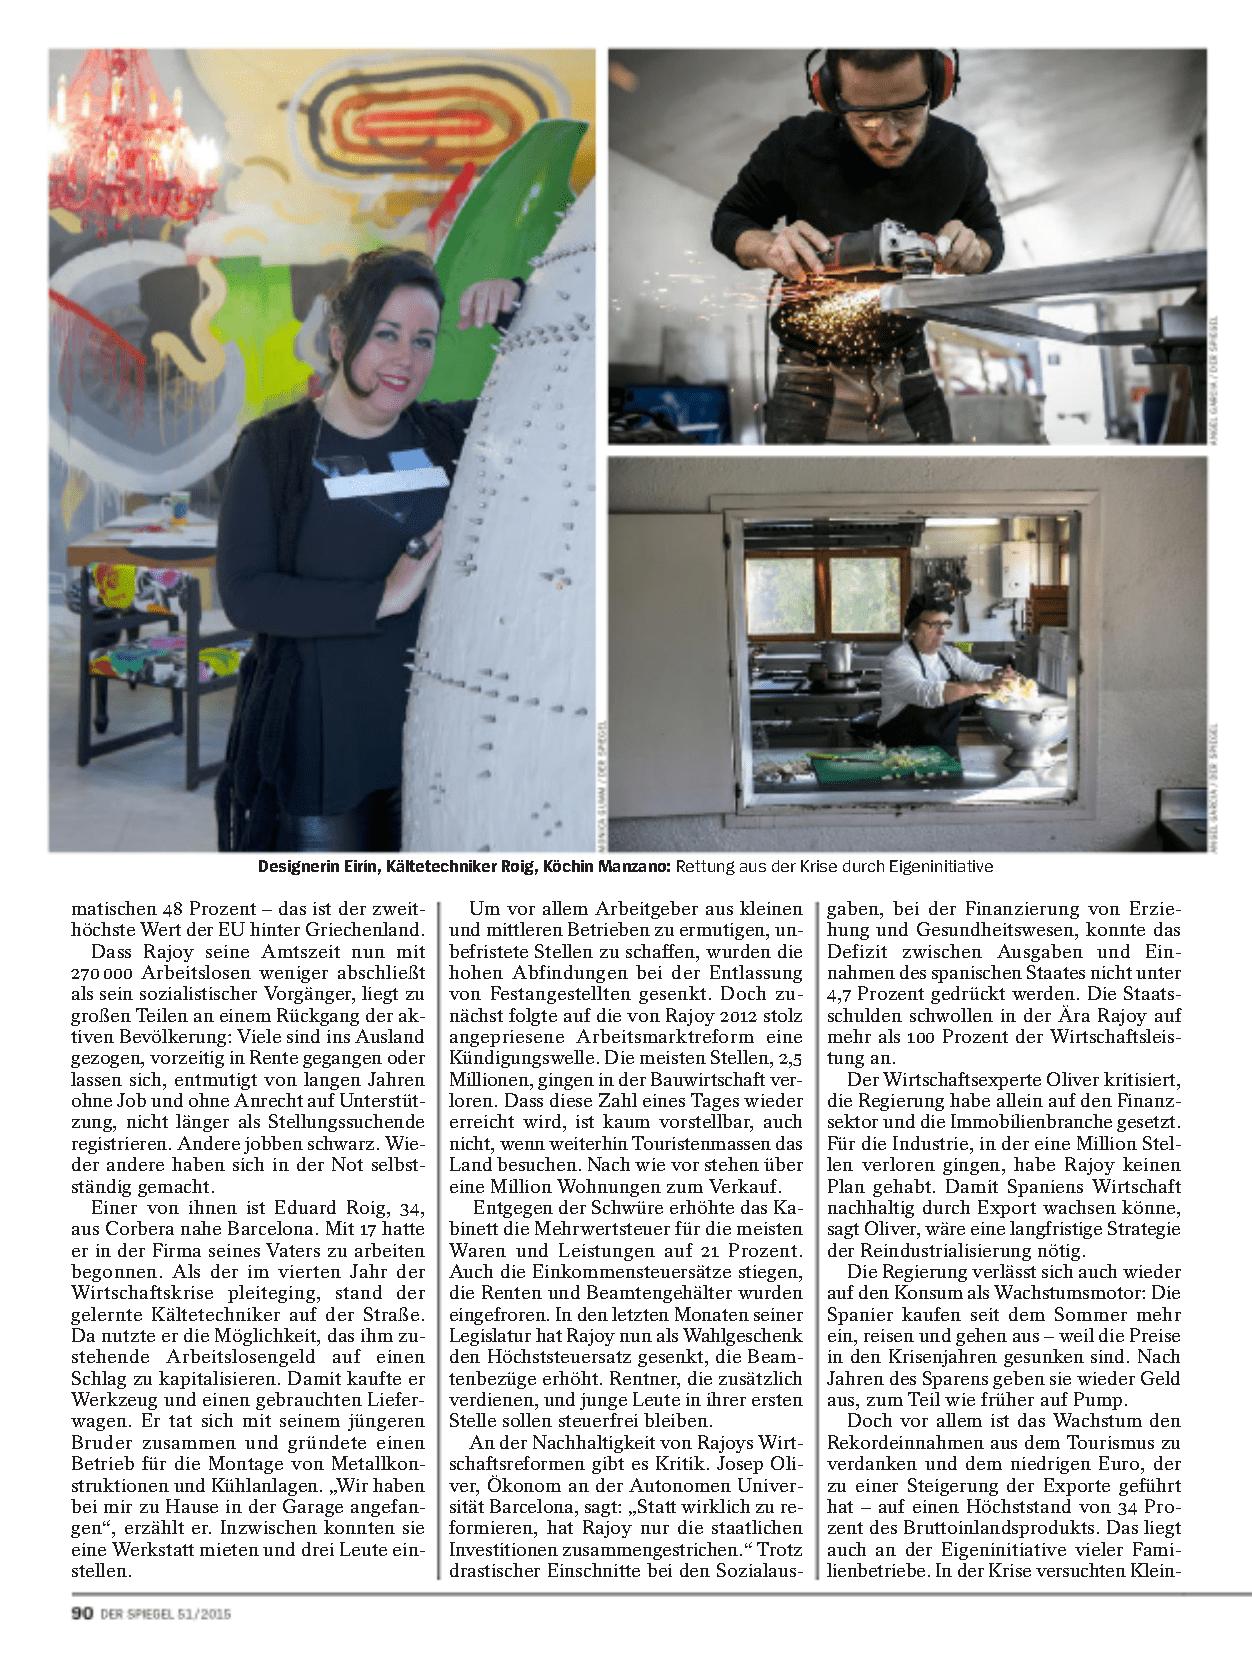 El estudio y Mercedes Eirin en la prestigiosa revista 'Spiegel'